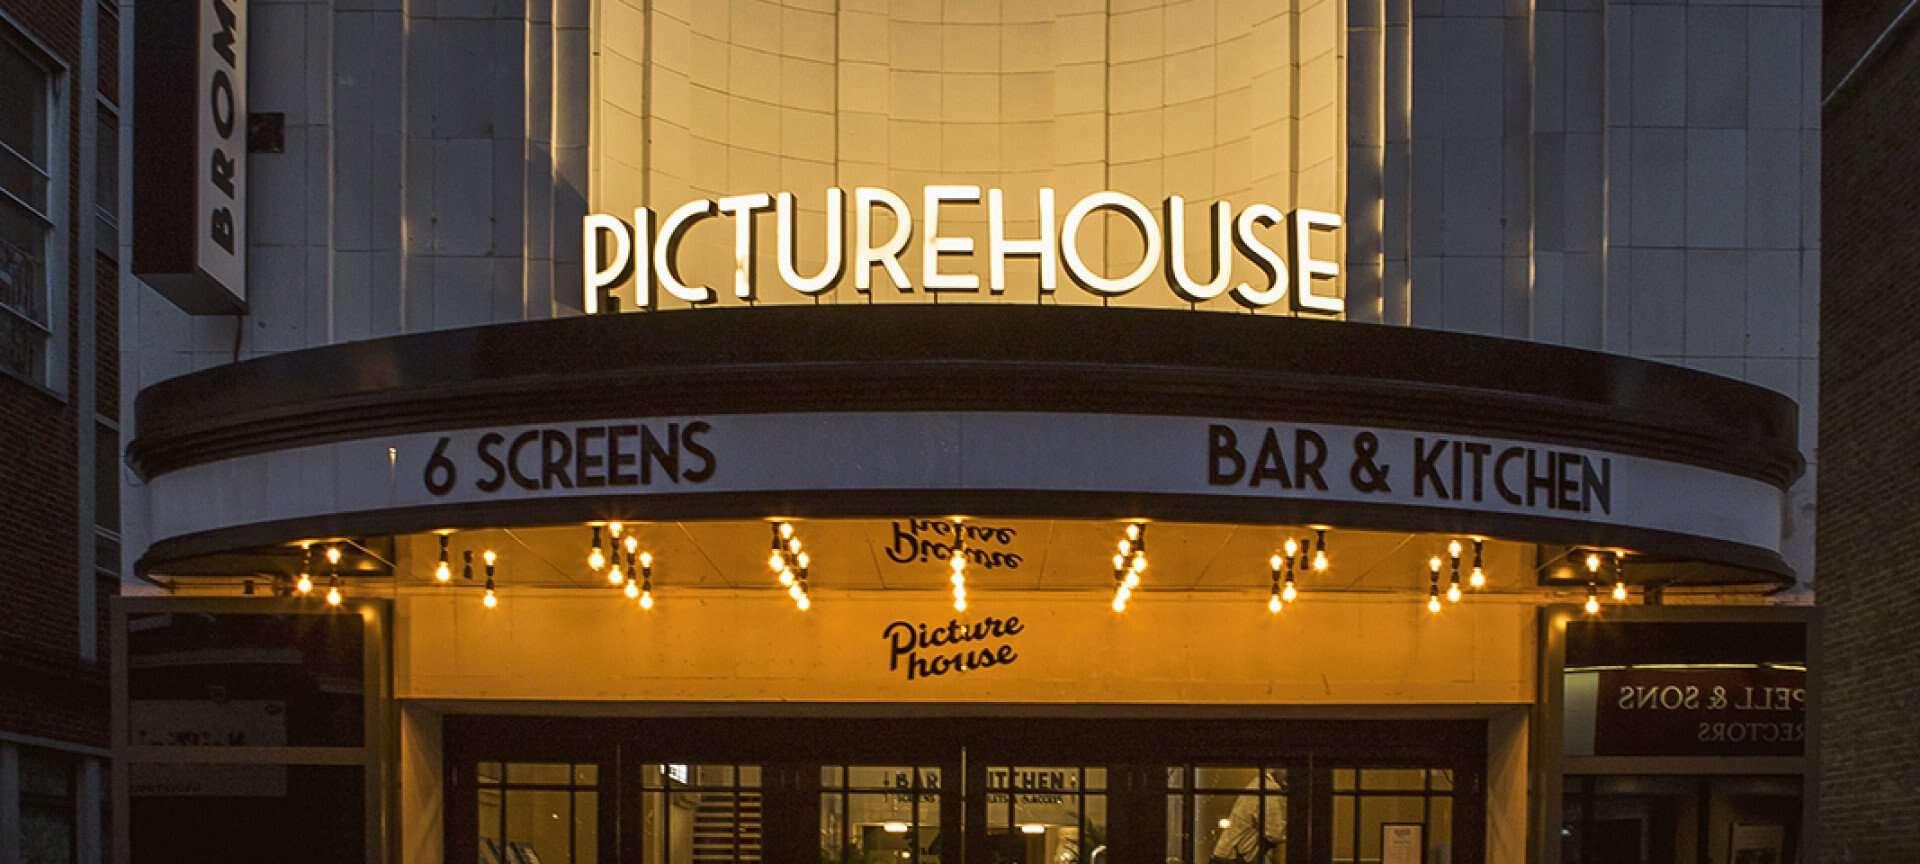 Dog-friendly Cinema Downton Abbey